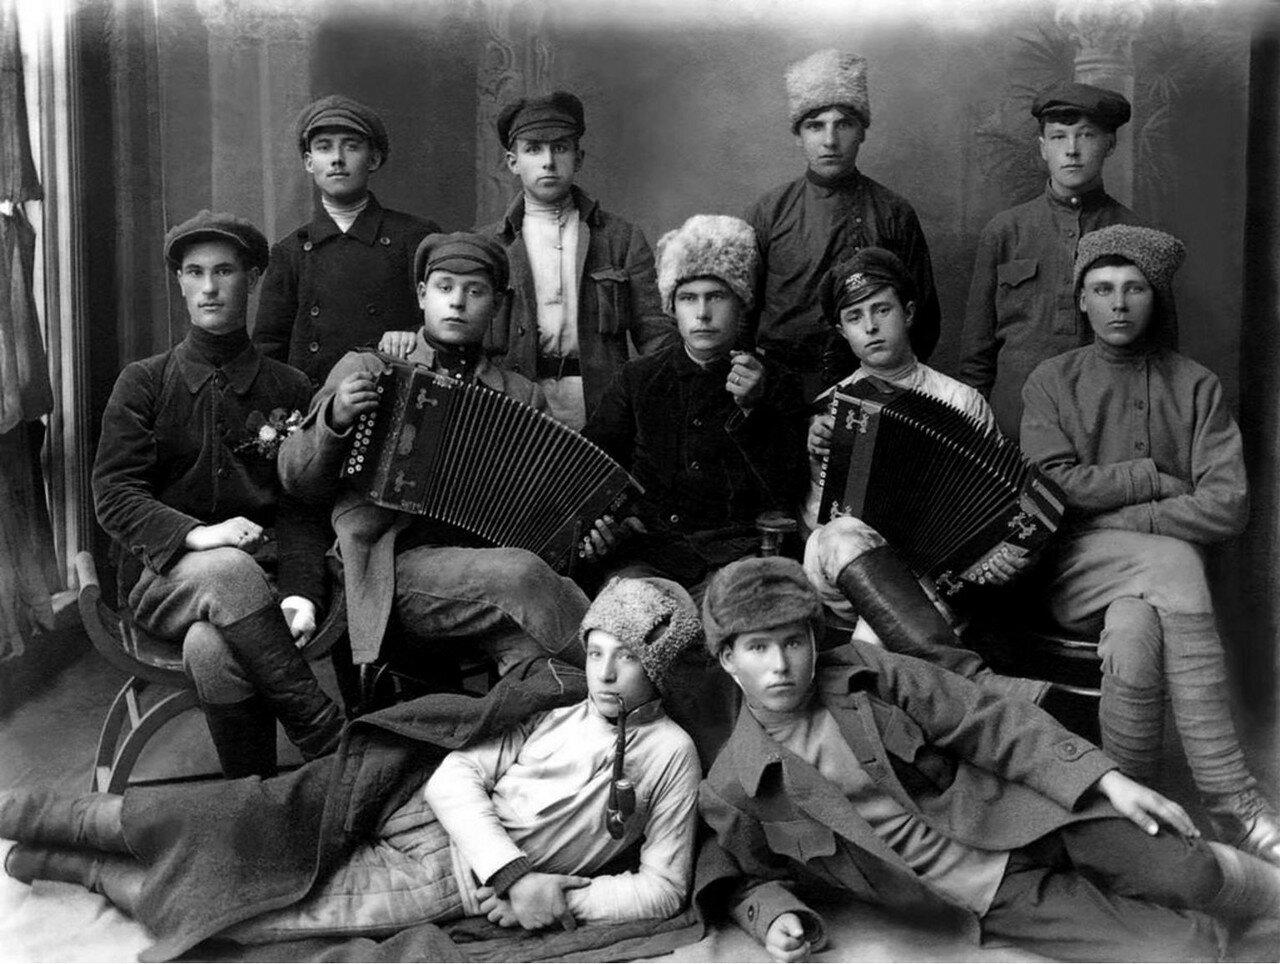 1920. Челябинск. Комсомольцы-железнодорожники, участвовавшие в разгроме колчаковских войск на Южном Урале. 22 апреля